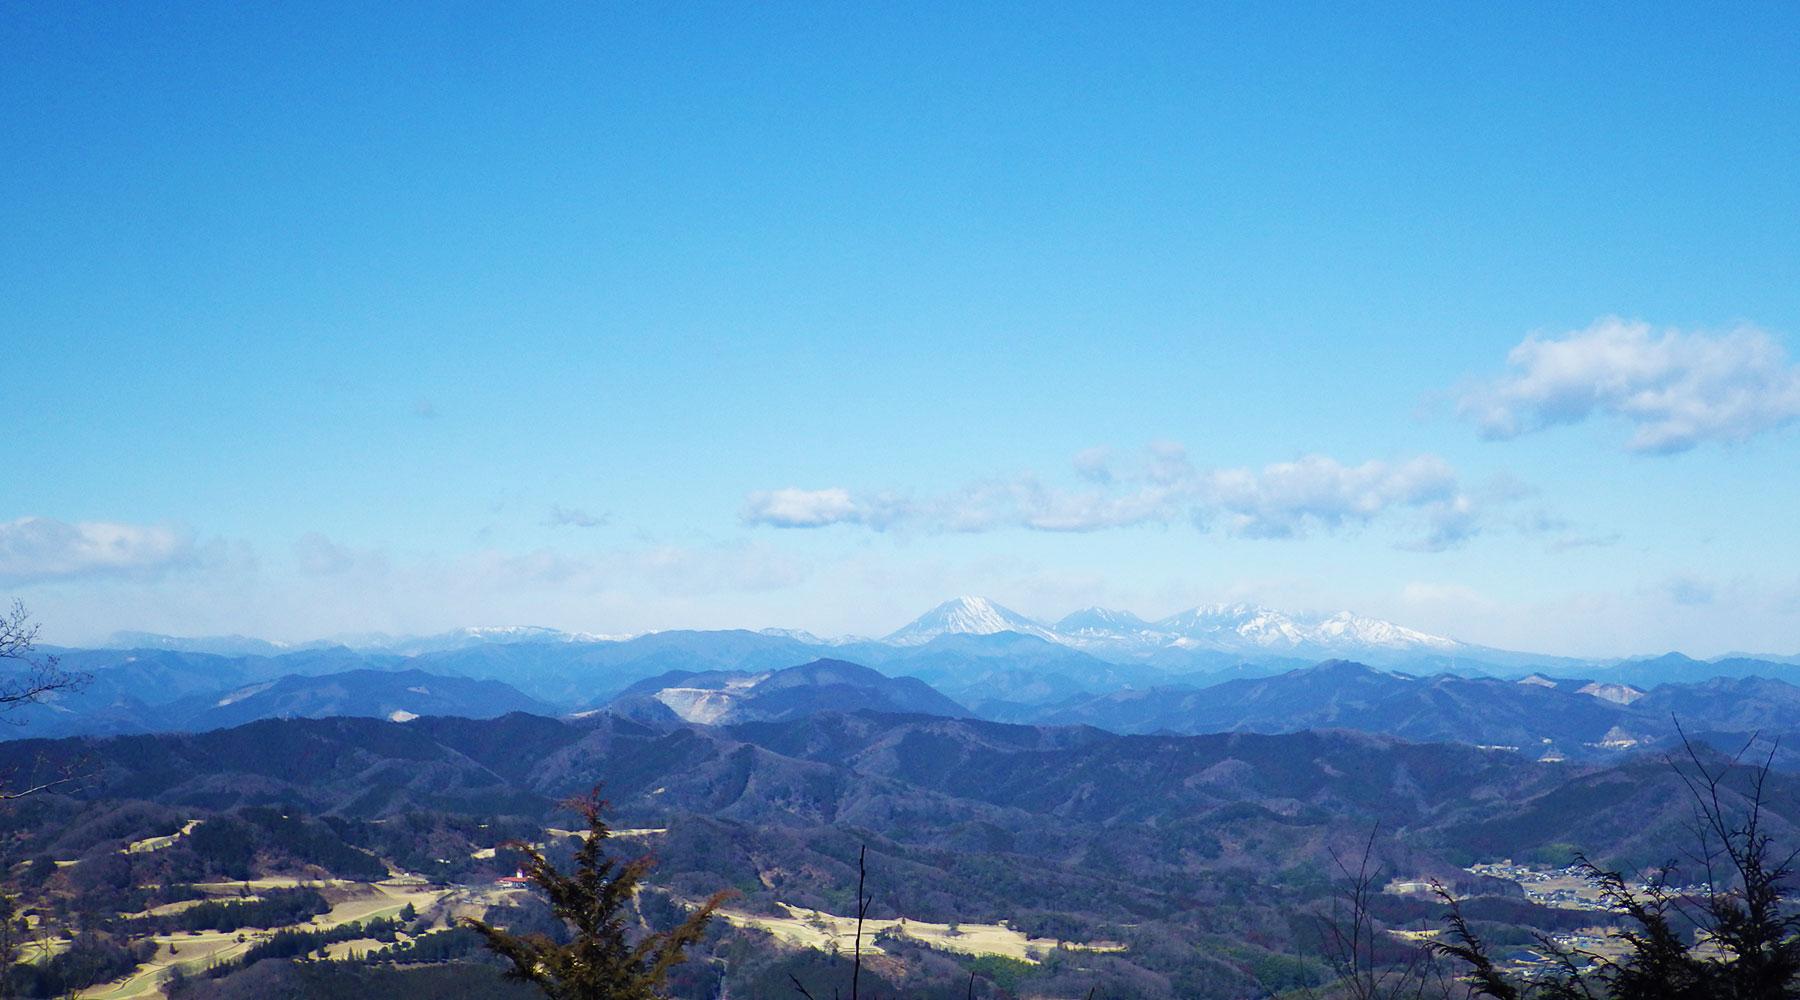 晃石山から見た日光方面の眺め